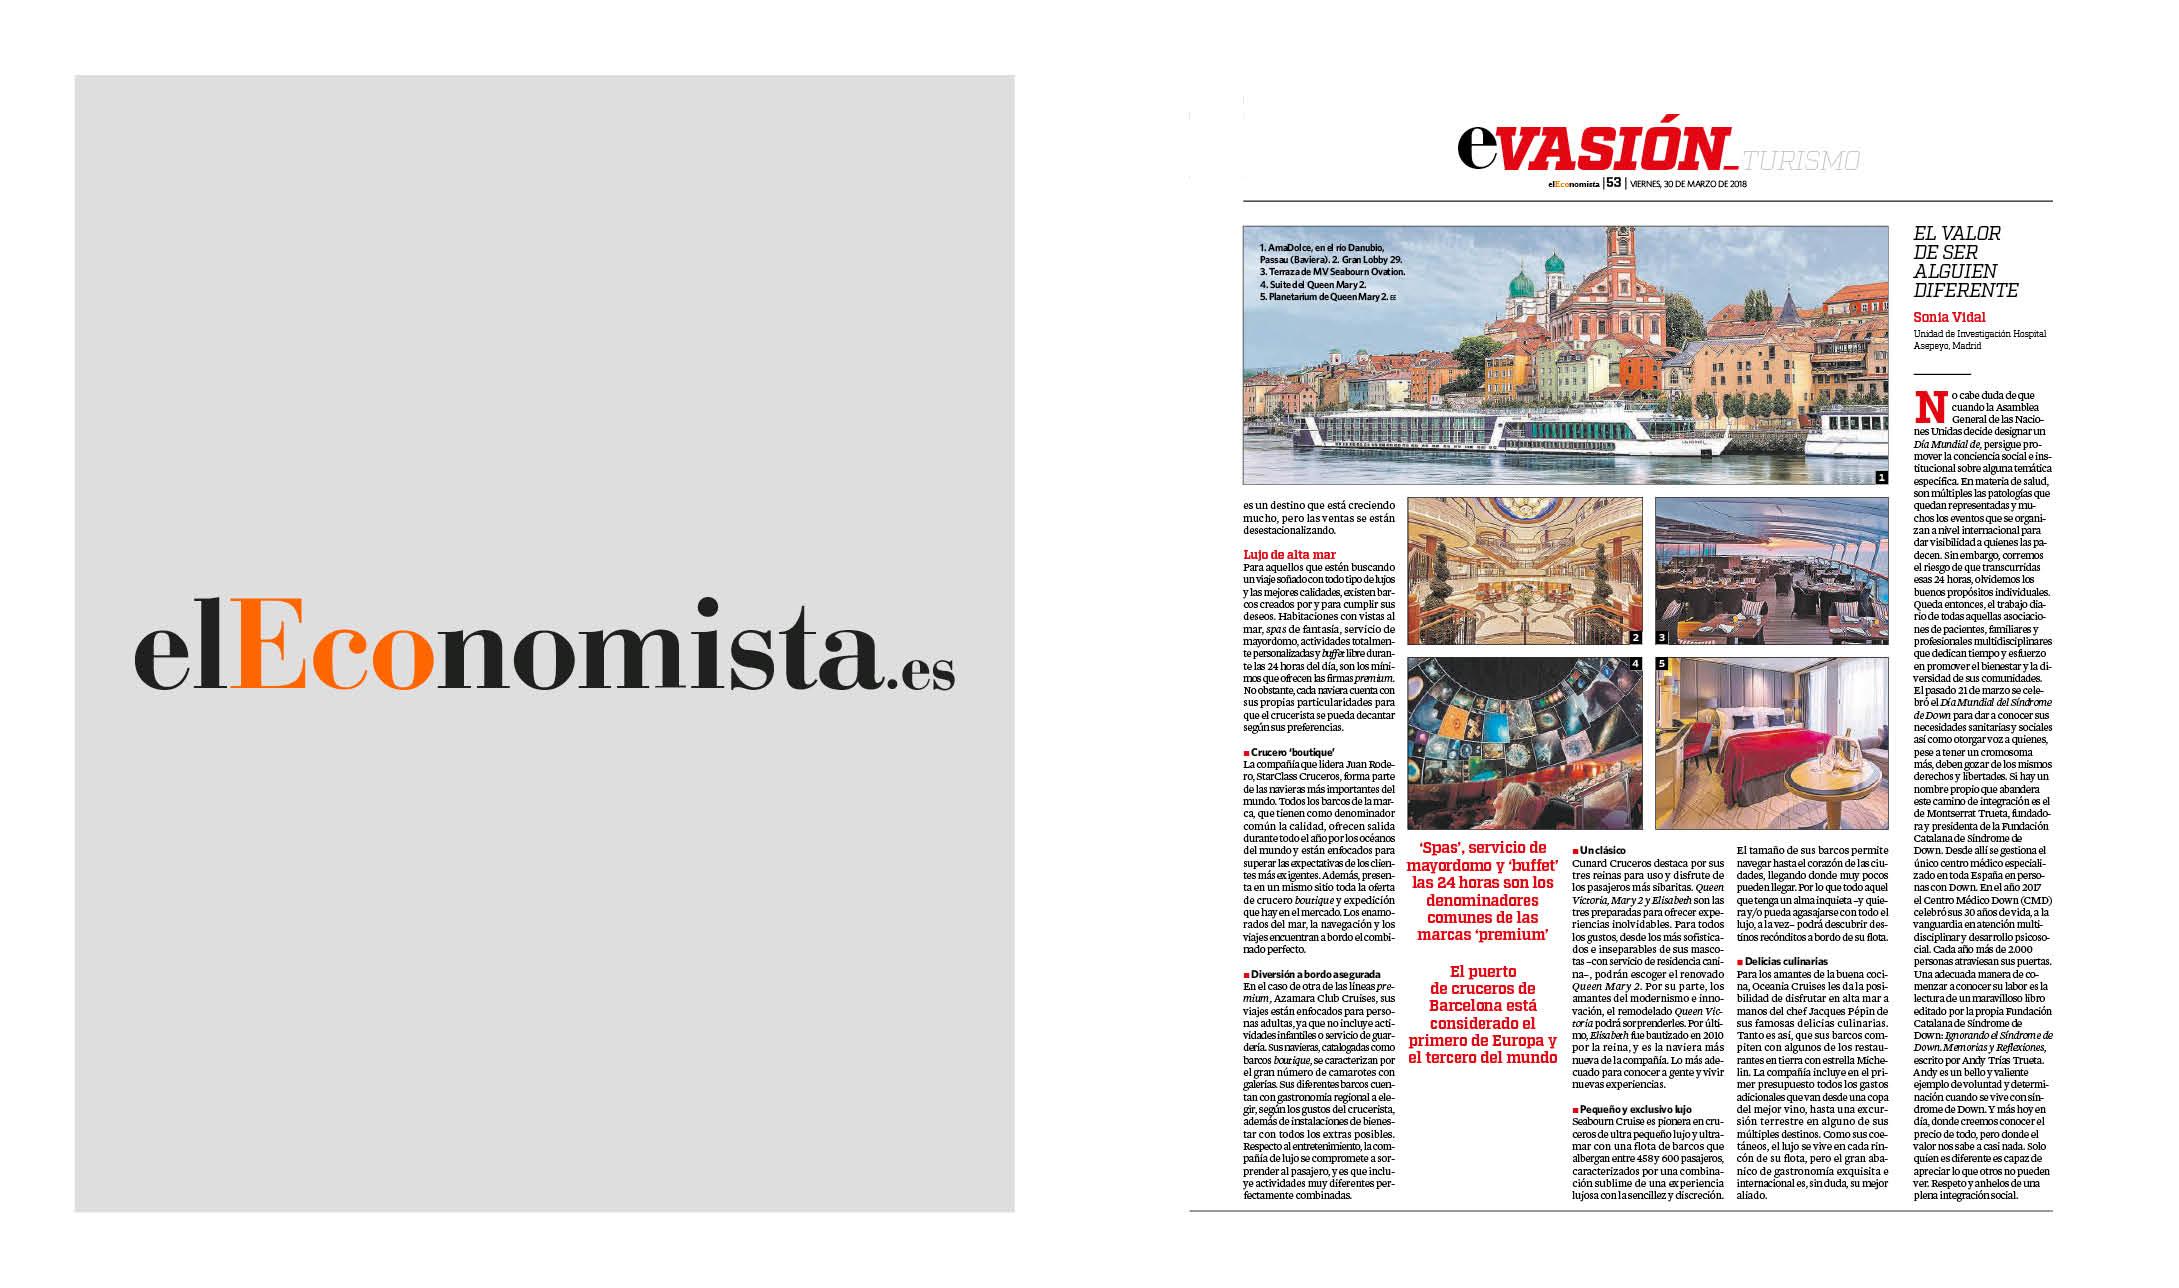 3.WEB_PRENSA3_EL ECONOMISTA_CRYSTAL CRUISESjpg